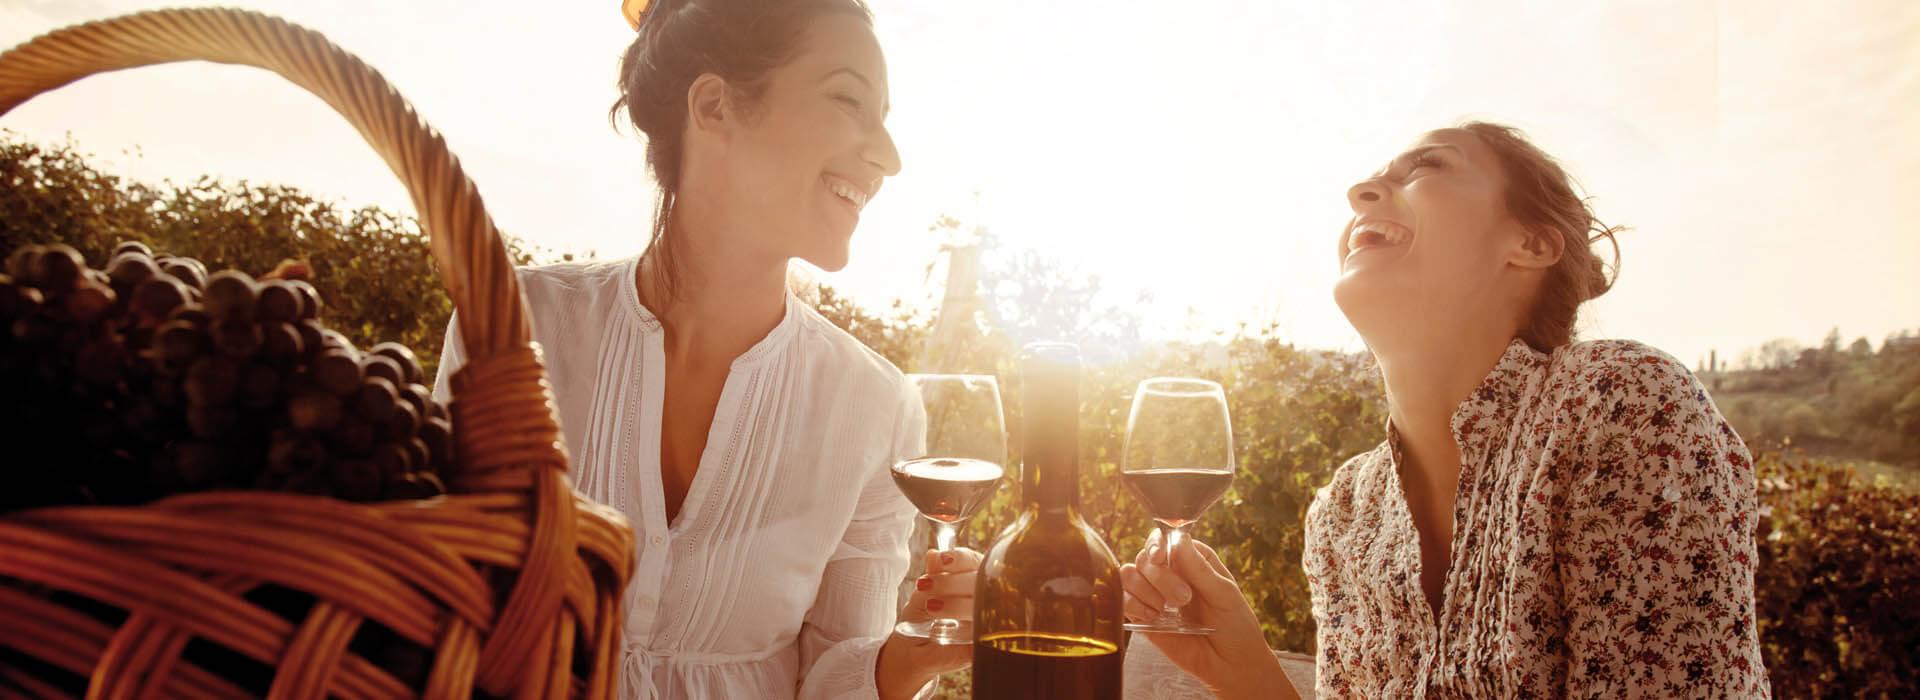 Wein erleben mit dem Weingut Koppenhöfer